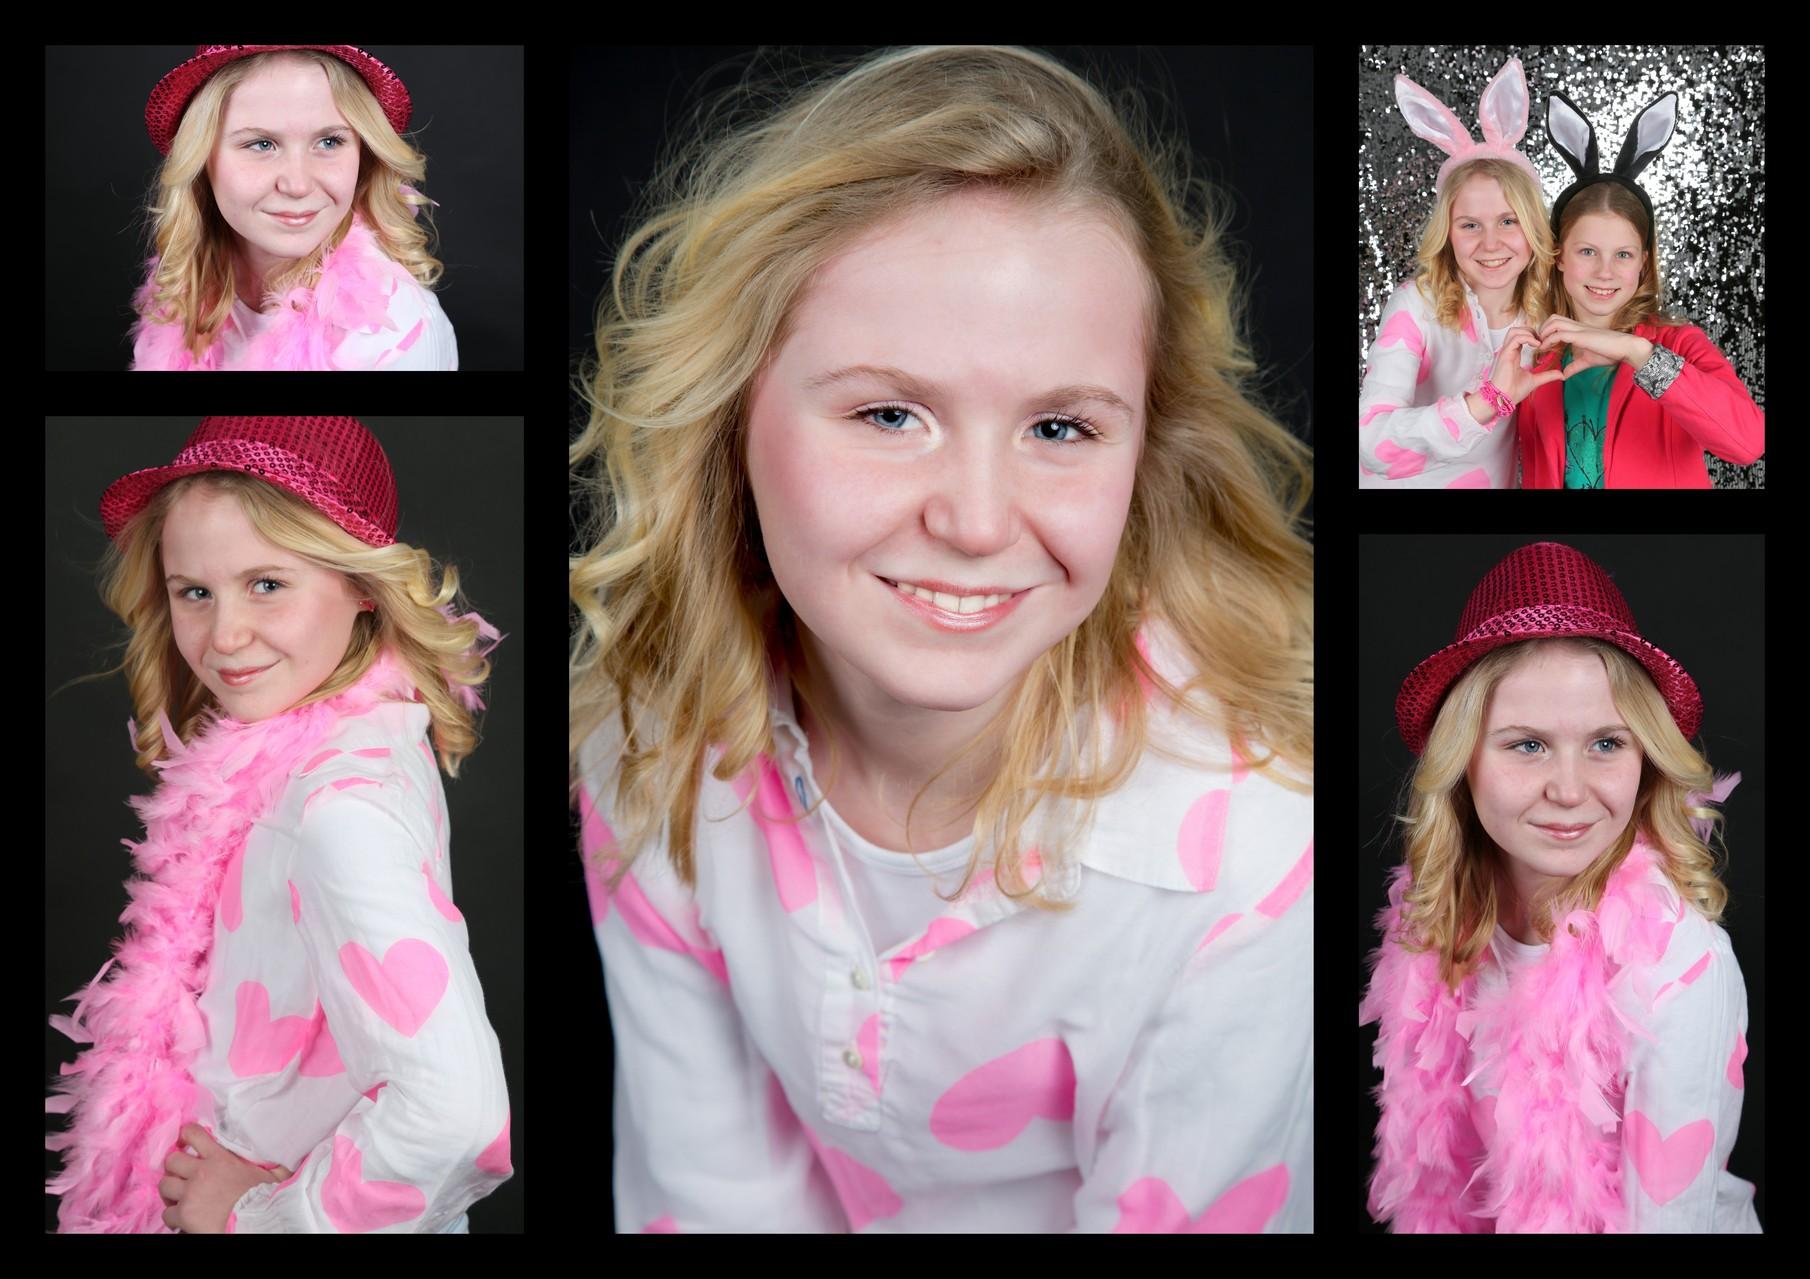 Verjaardag fotoshoot . Verjaardag fotoshoot voor een onvergetelijk kinderfeestje. Verras al je vrienden en vriendinnen met deze super leuke fotoshoot bij bsafoto.com !